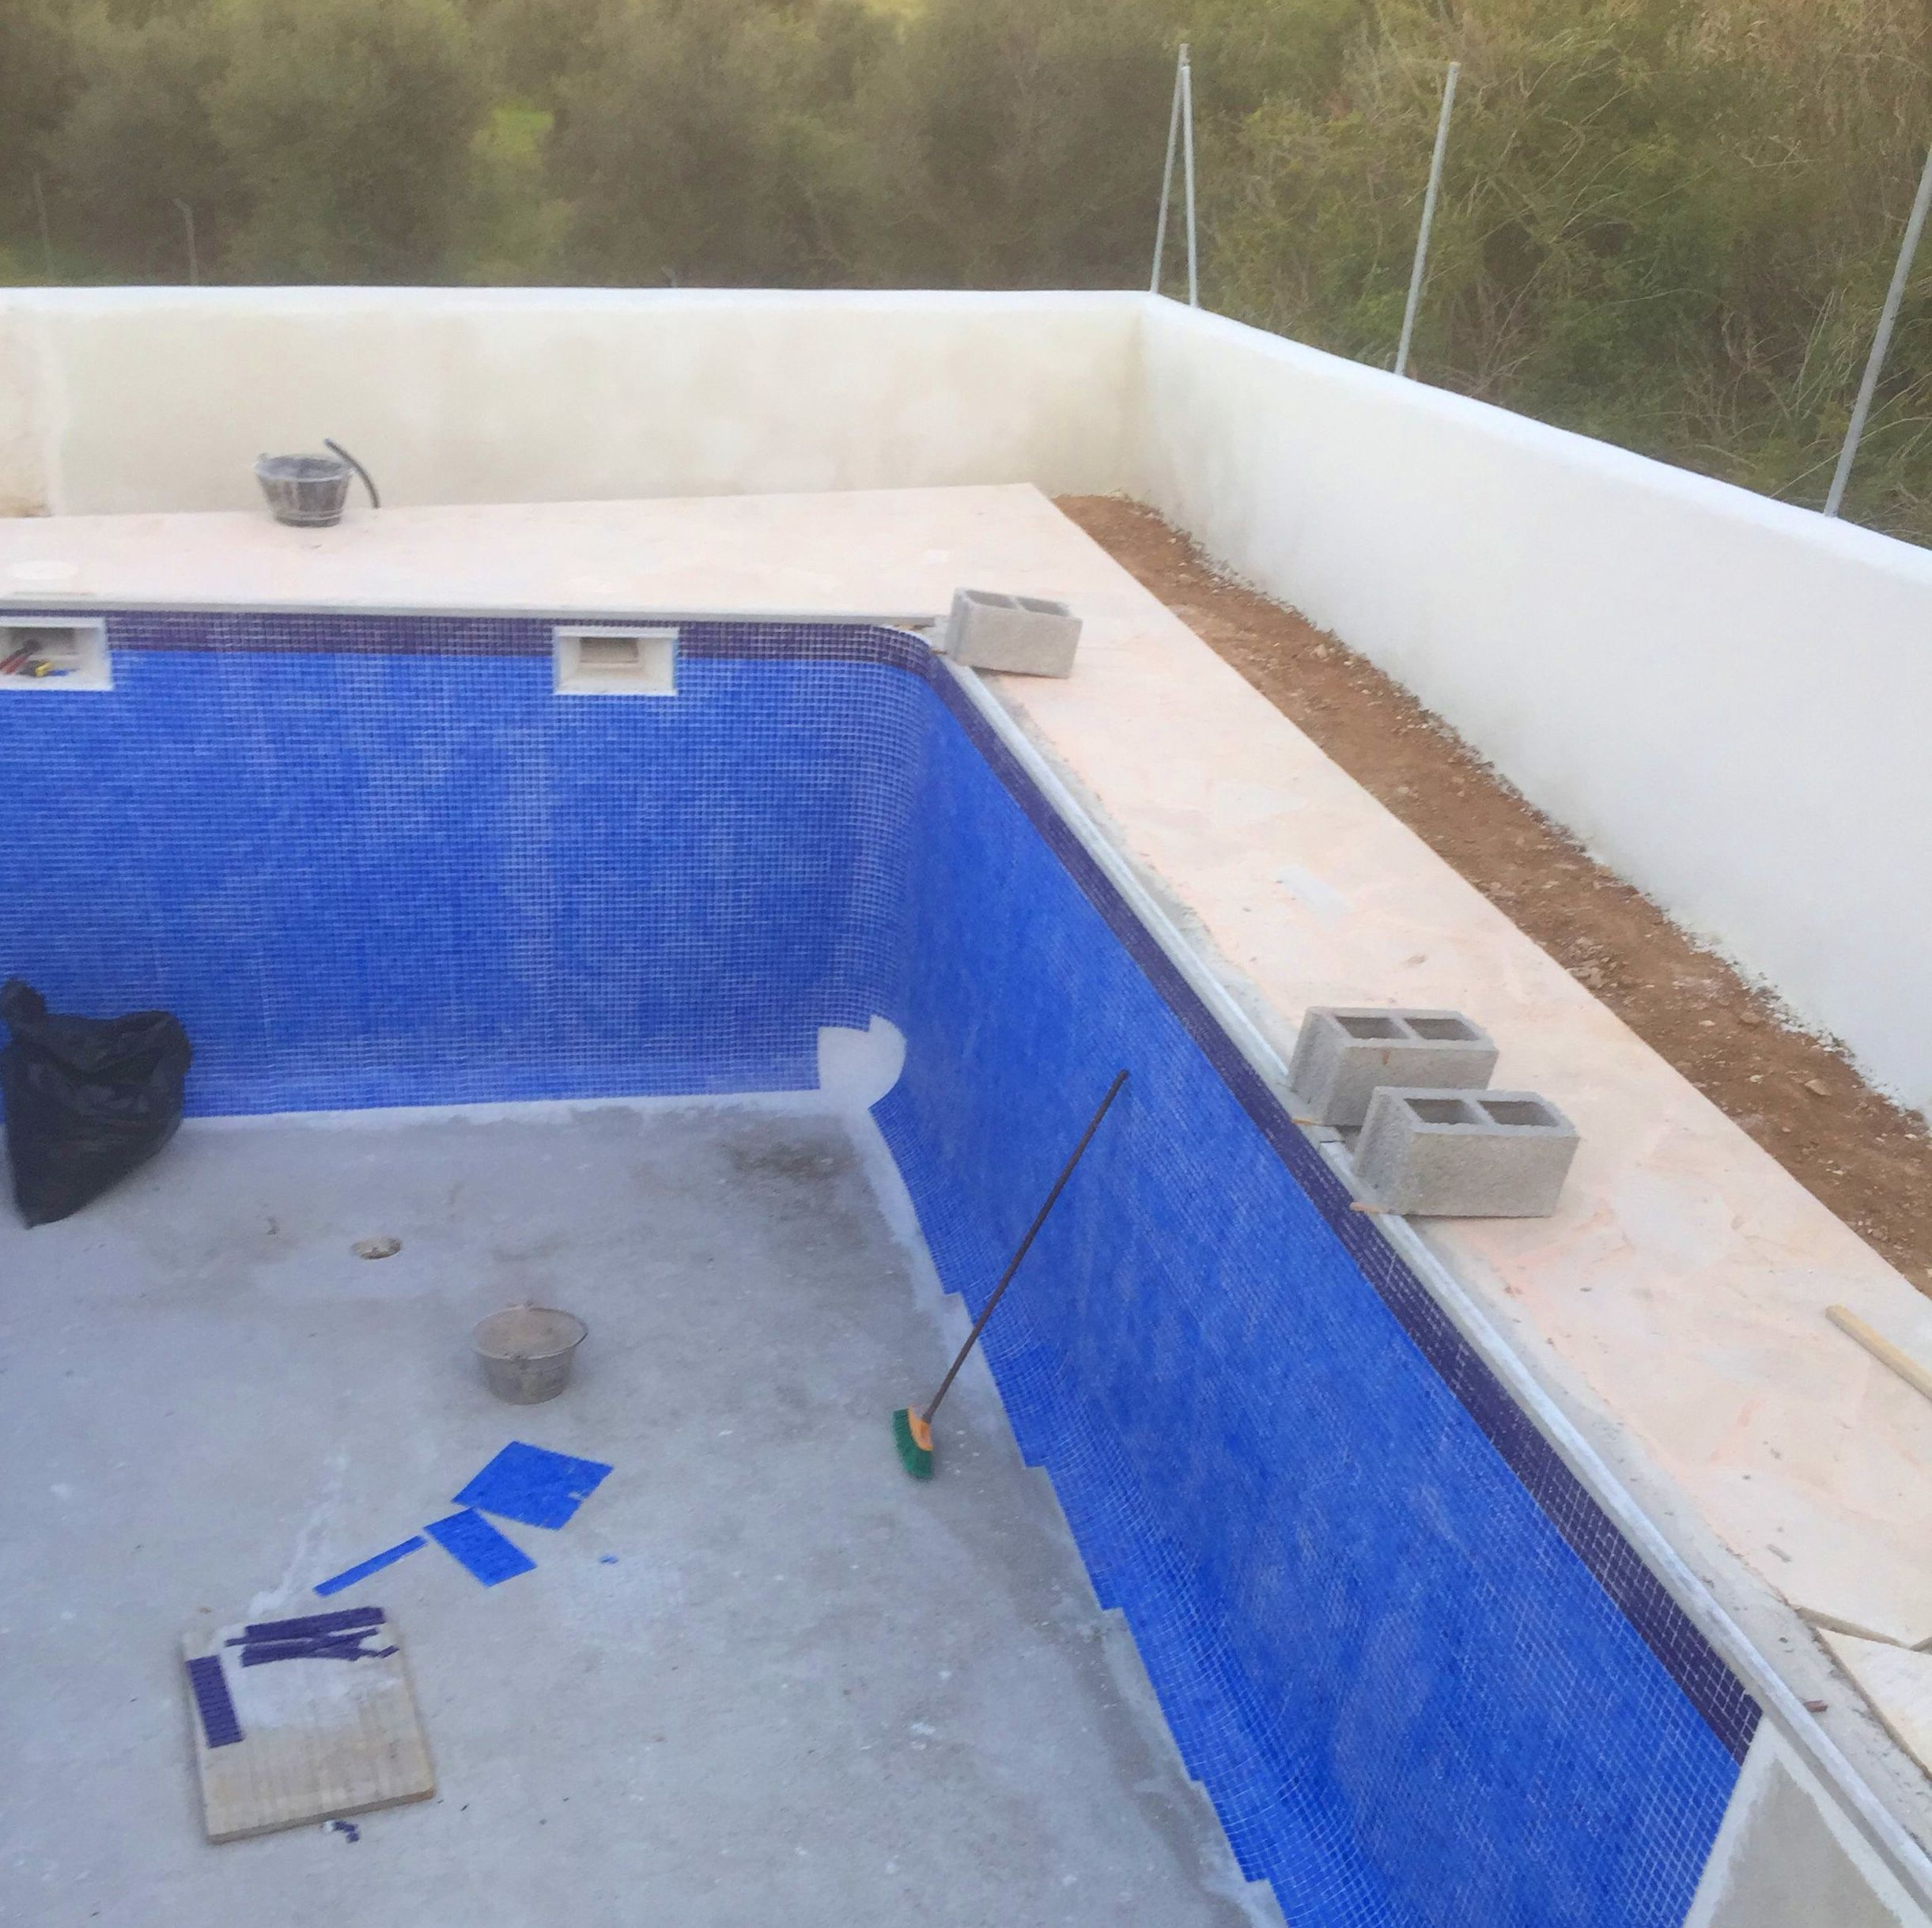 Construcci n de piscinas en alicante mibori construcciones for Construccion de piscinas en lleida